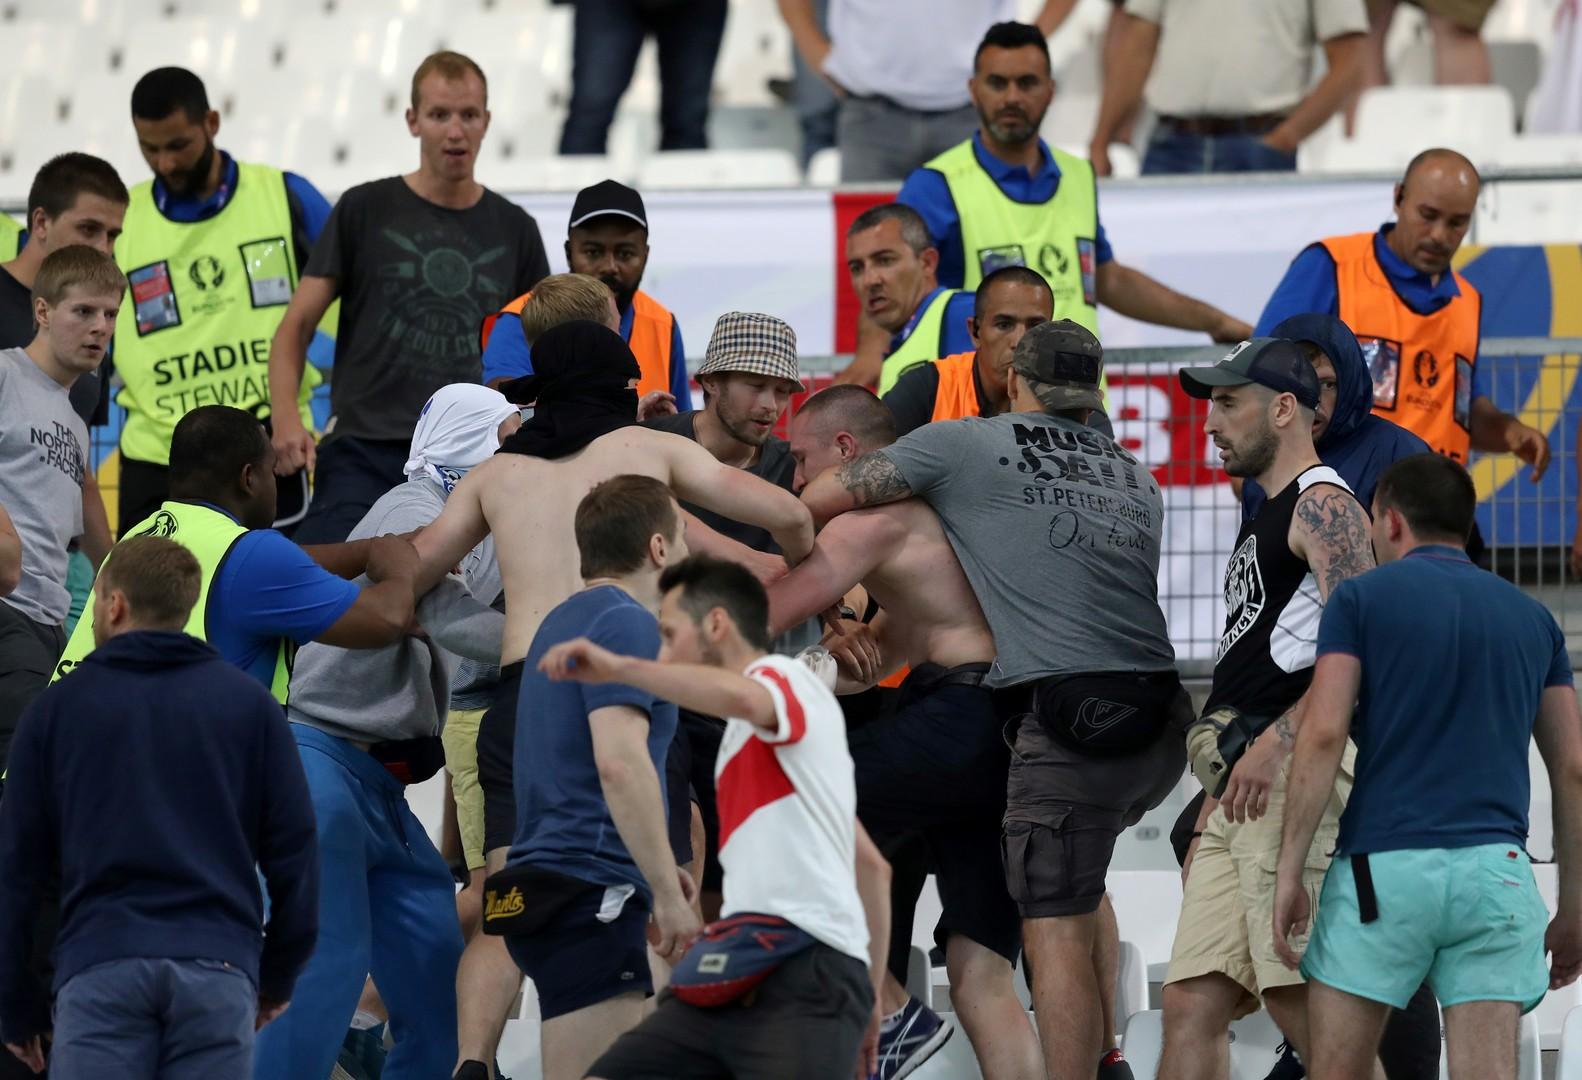 Scènes d'émeutes, 35 blessés: retour sur les affrontements autour d'Angleterre-Russie (VIDEOS)